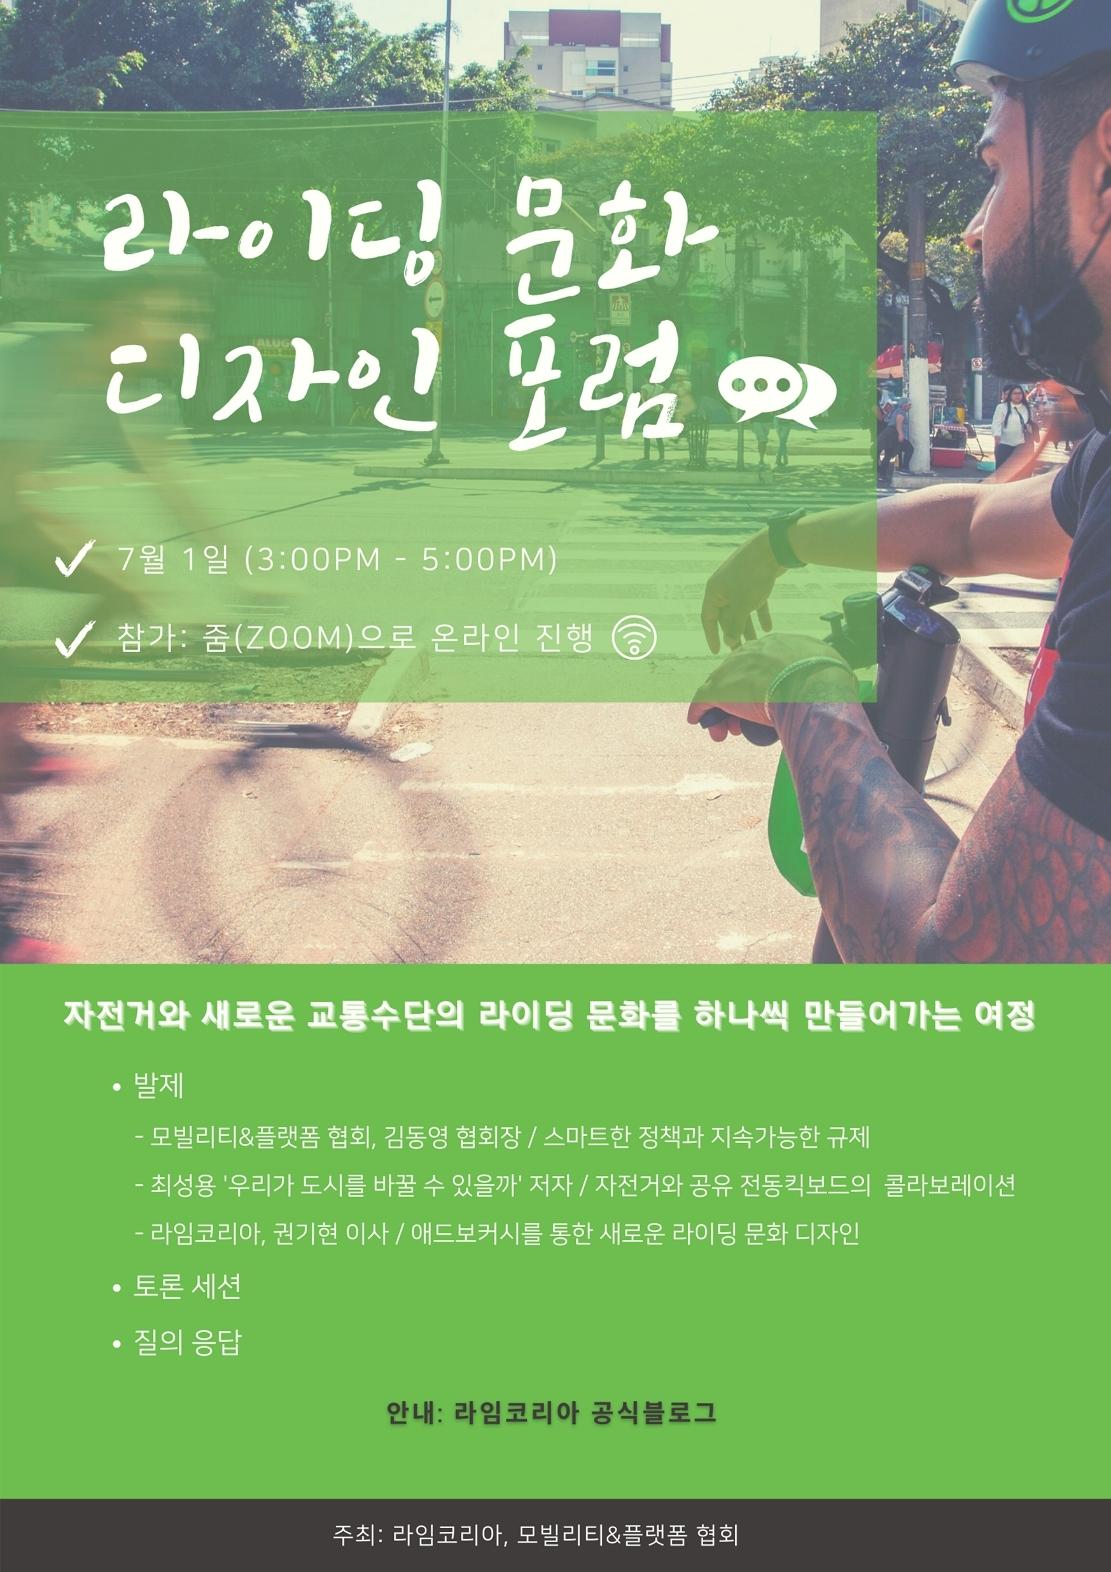 [사진자료] 라임코리아, '라이딩 문화 디자인 포럼' 개최...새로운 교통수단의 공존.jpg